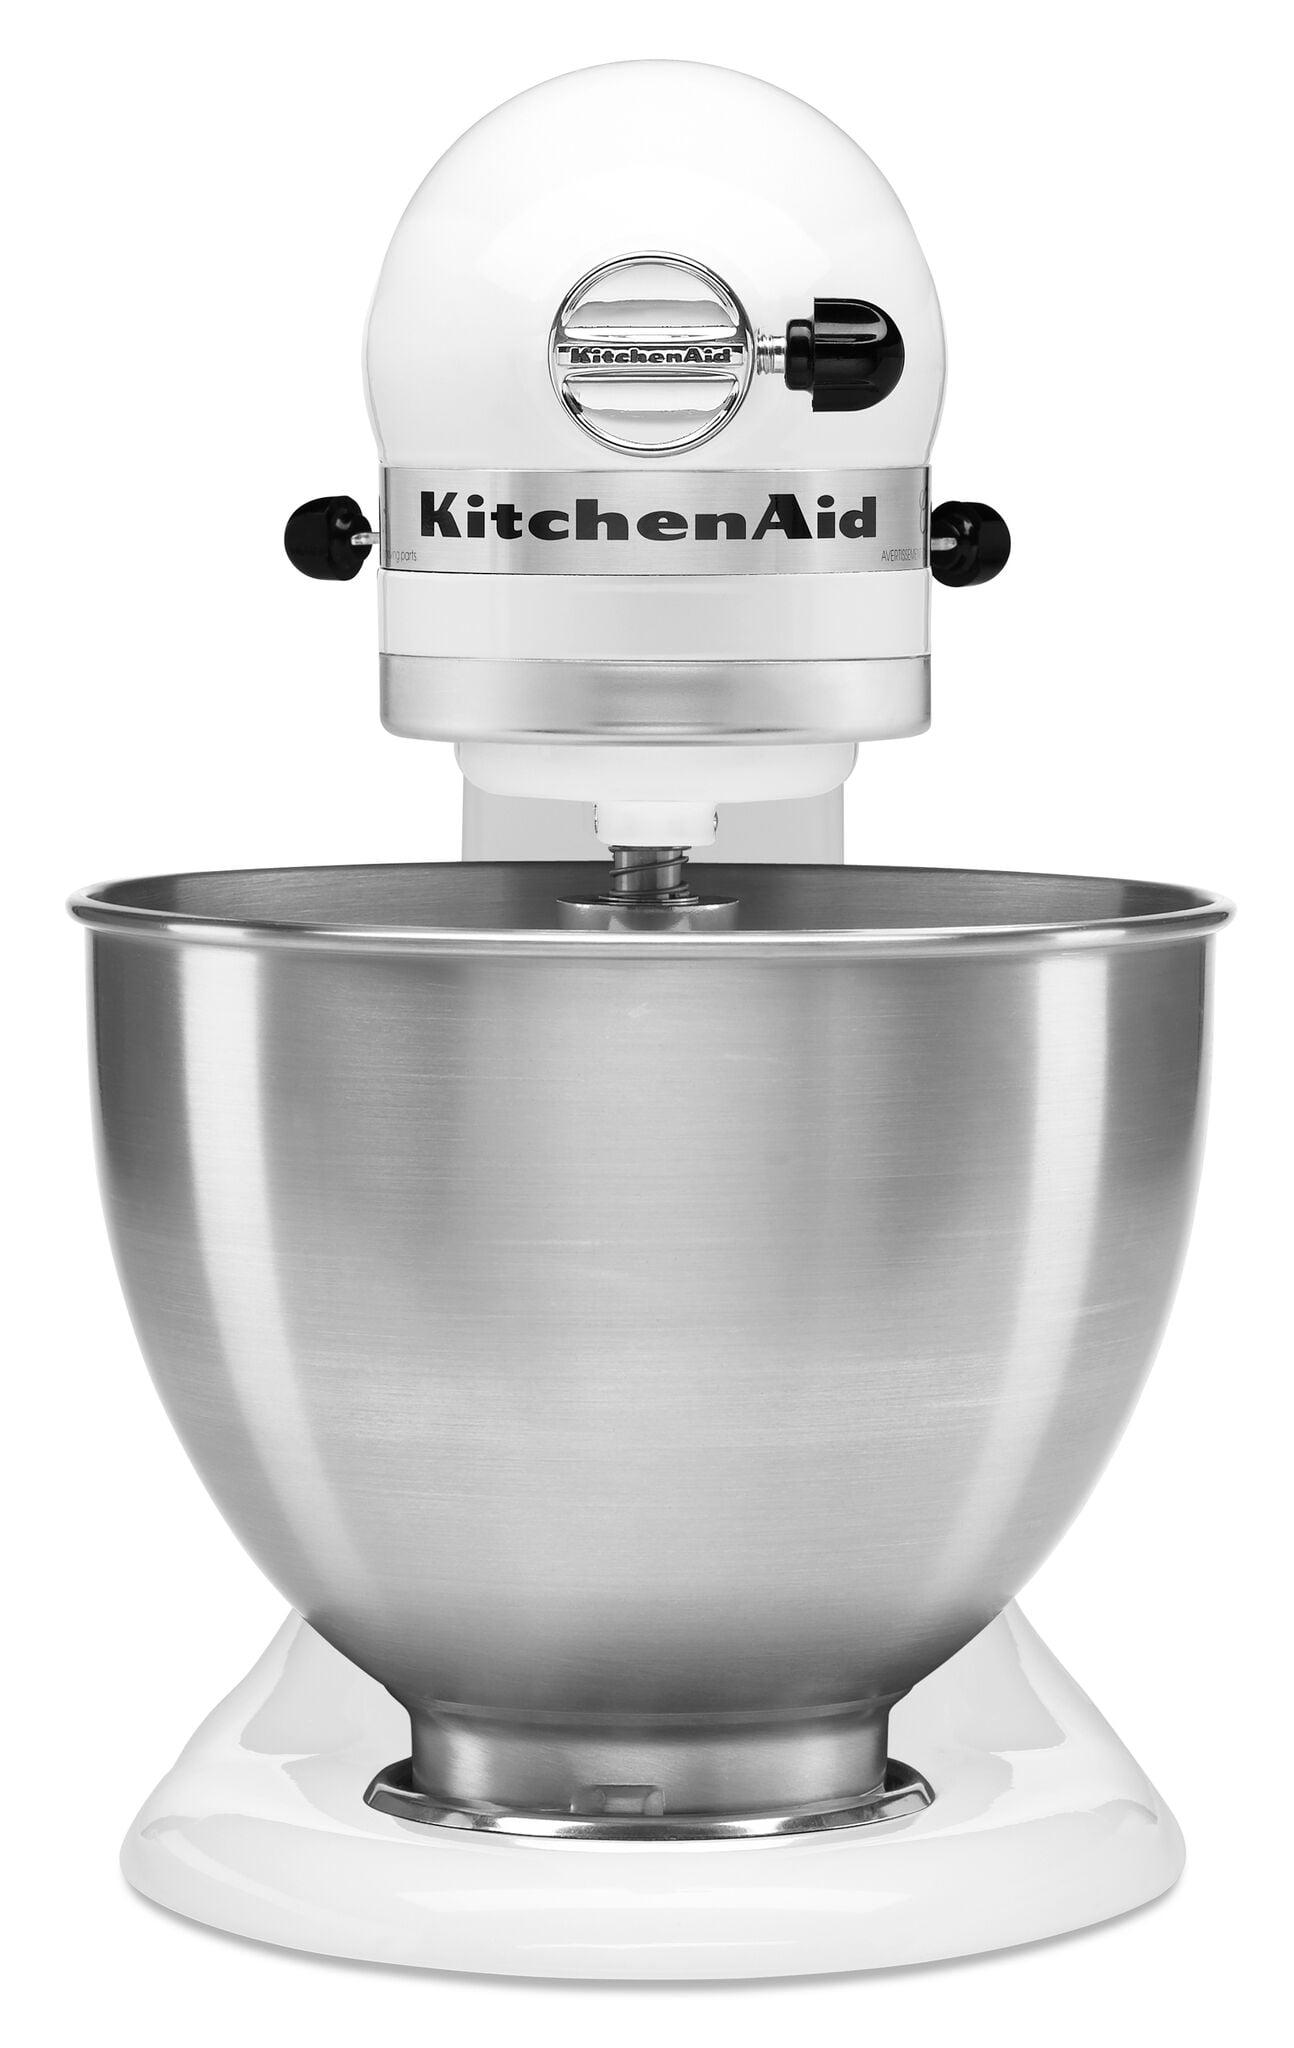 KitchenAid Classic Series 4.5 Quart Tilt Head Stand Mixer, White (K45SSWH)    Walmart.com